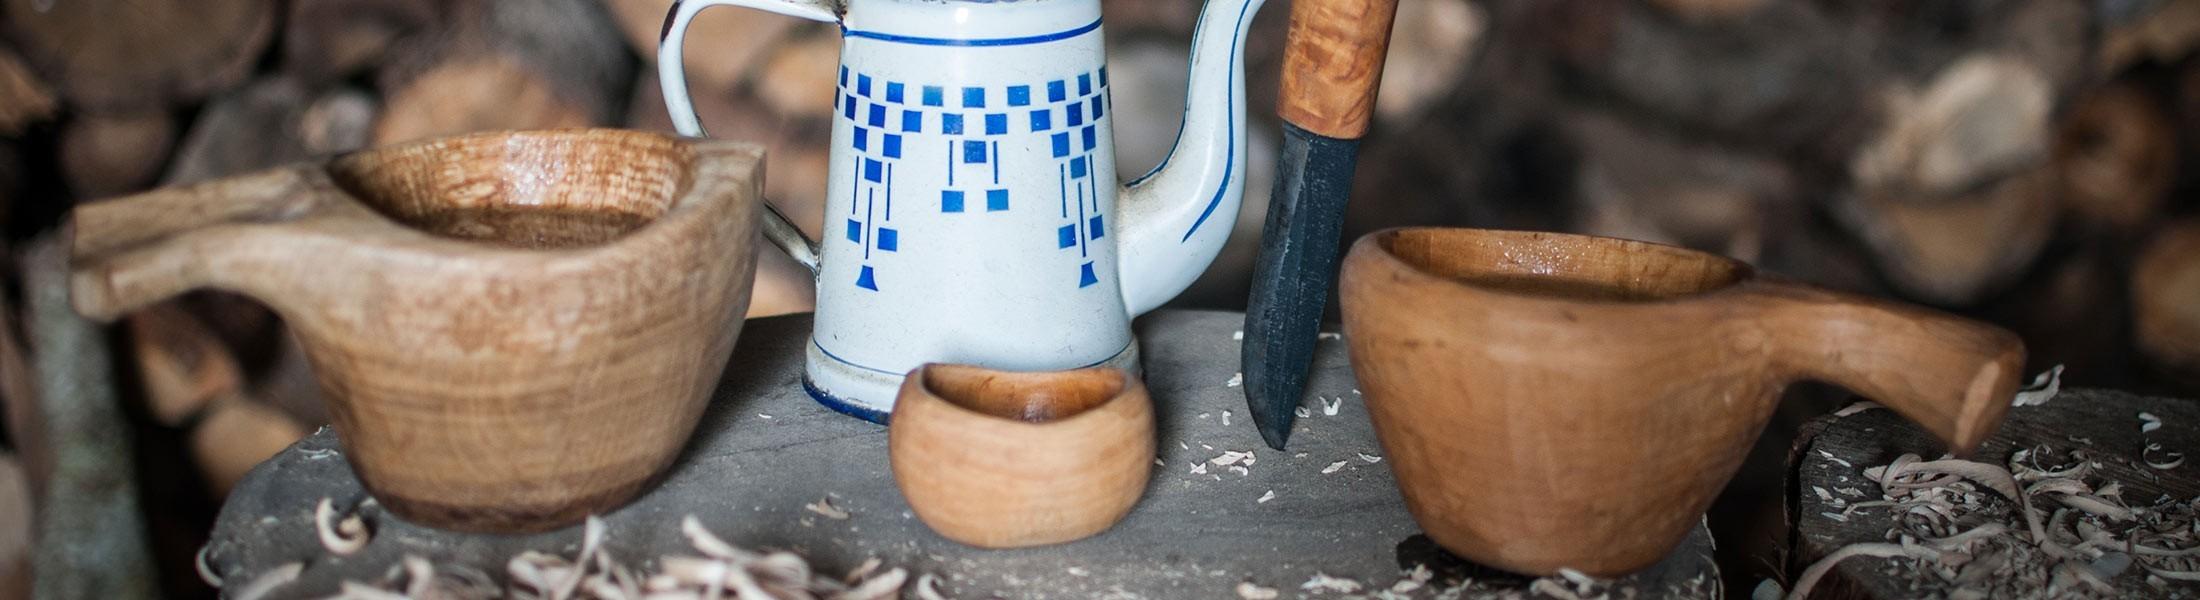 Tête de Bois | Kuskas tasse en bois artisanal Inspiration Finlandaise